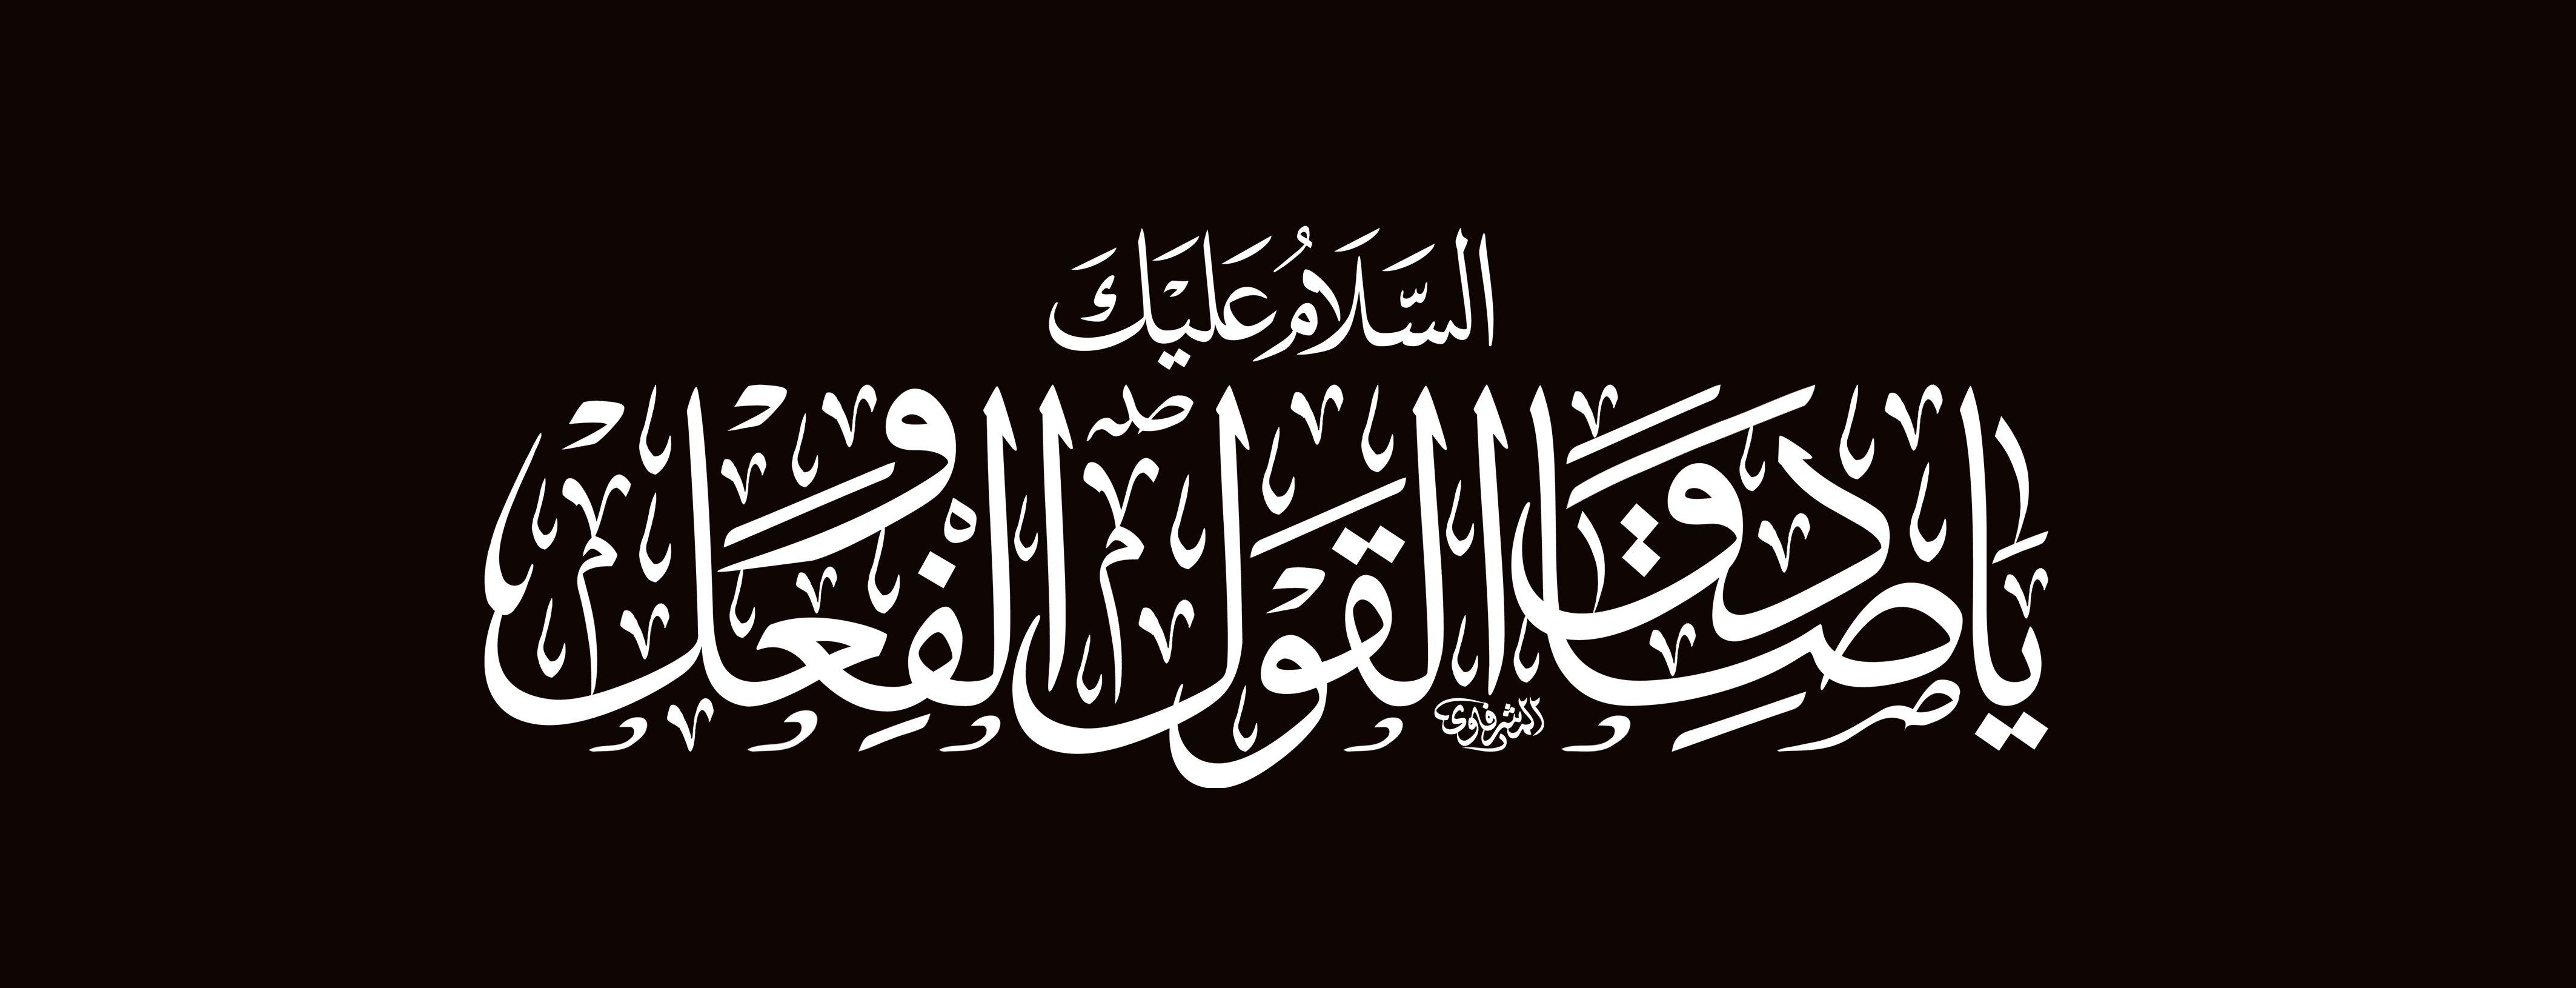 السلام عليك يا صادق القول والفعل Calligraphy Arabic Calligraphy